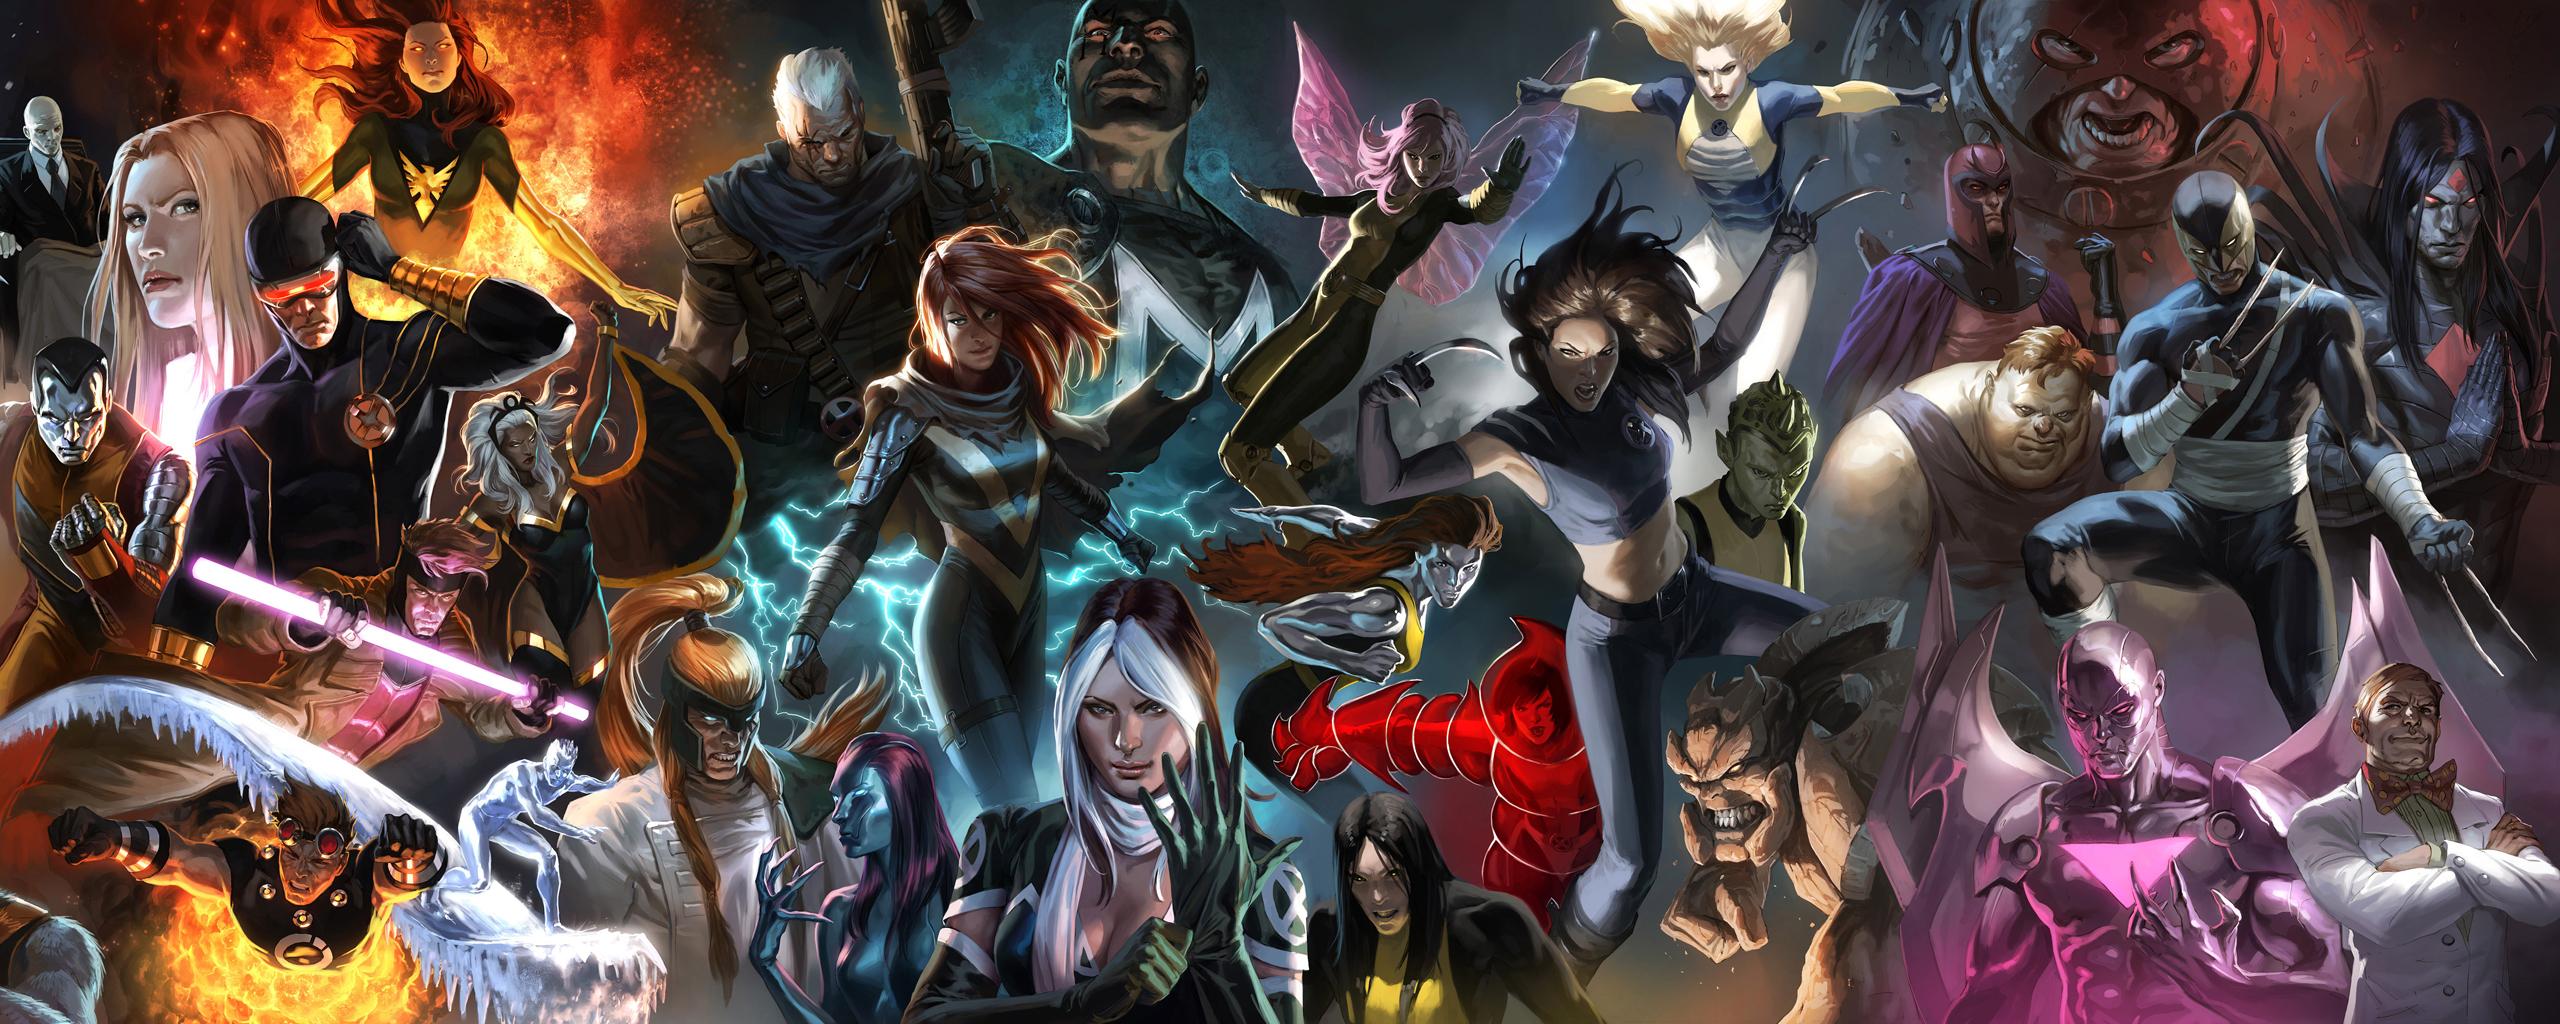 Comics X Men Wallpaper 2560x1024 Comics XMen Phoenix Storm 2560x1024